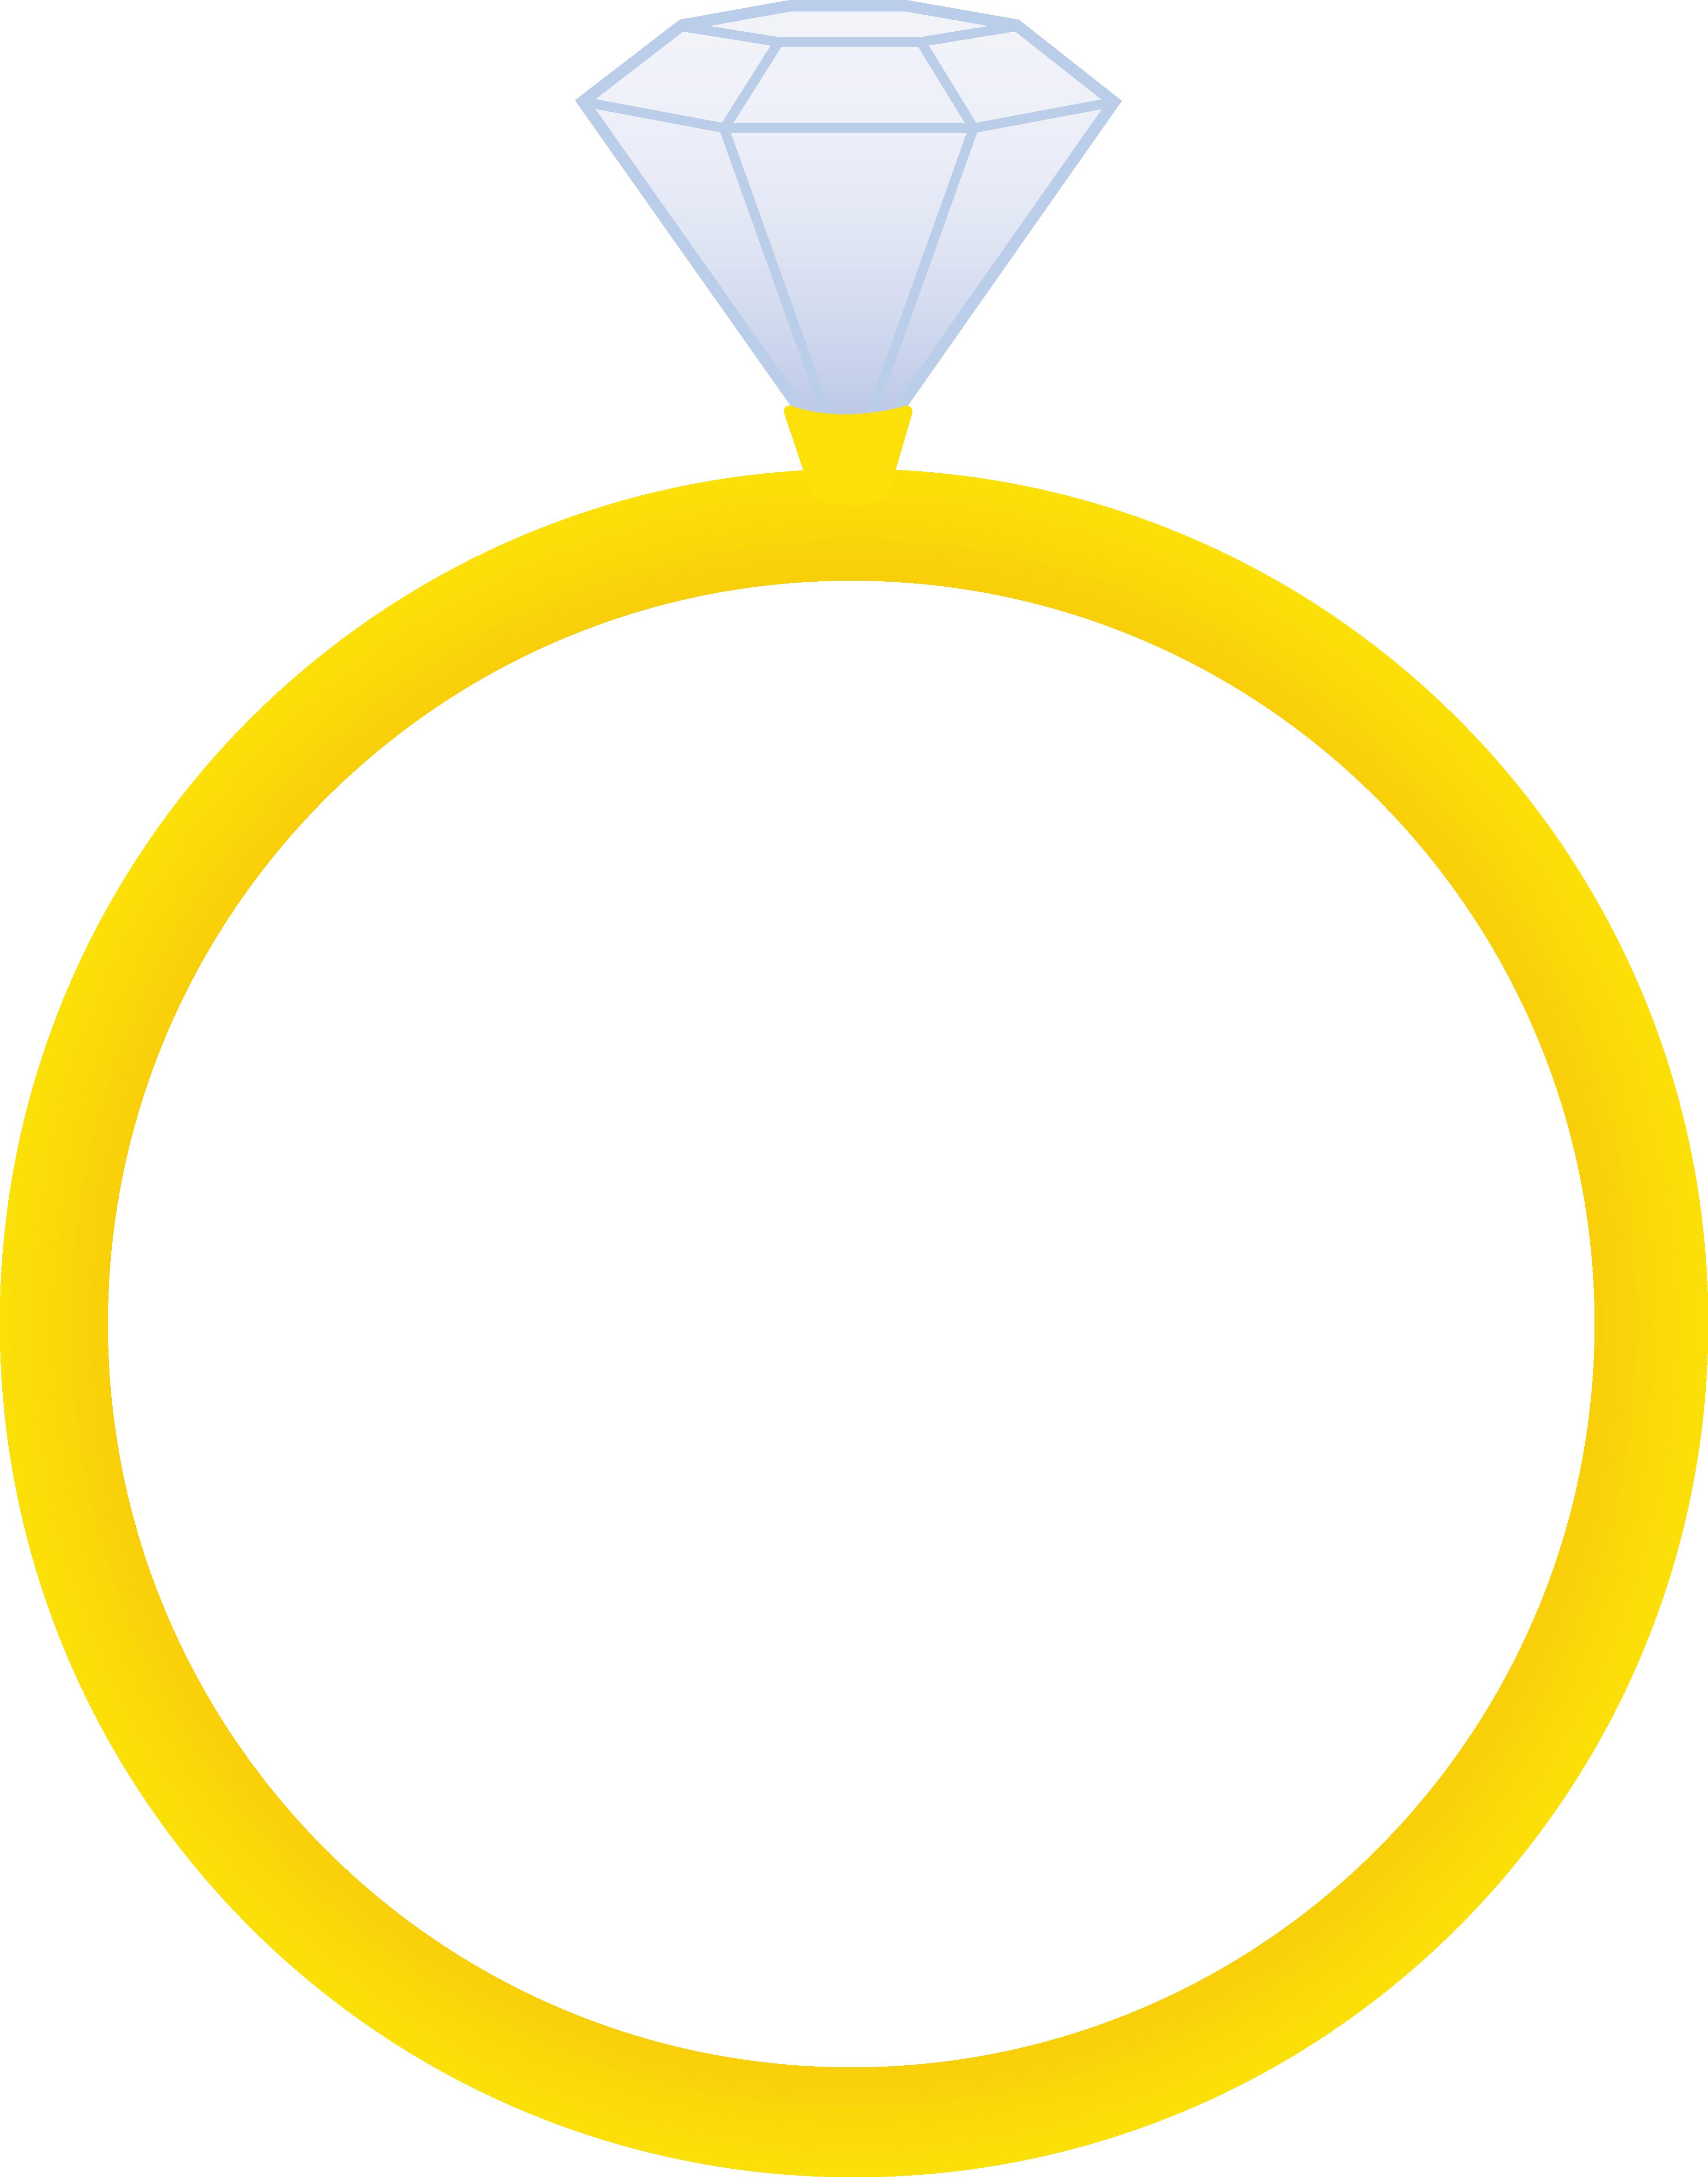 Cartoon Wedding Ring - ClipArt Best - ClipArt Best